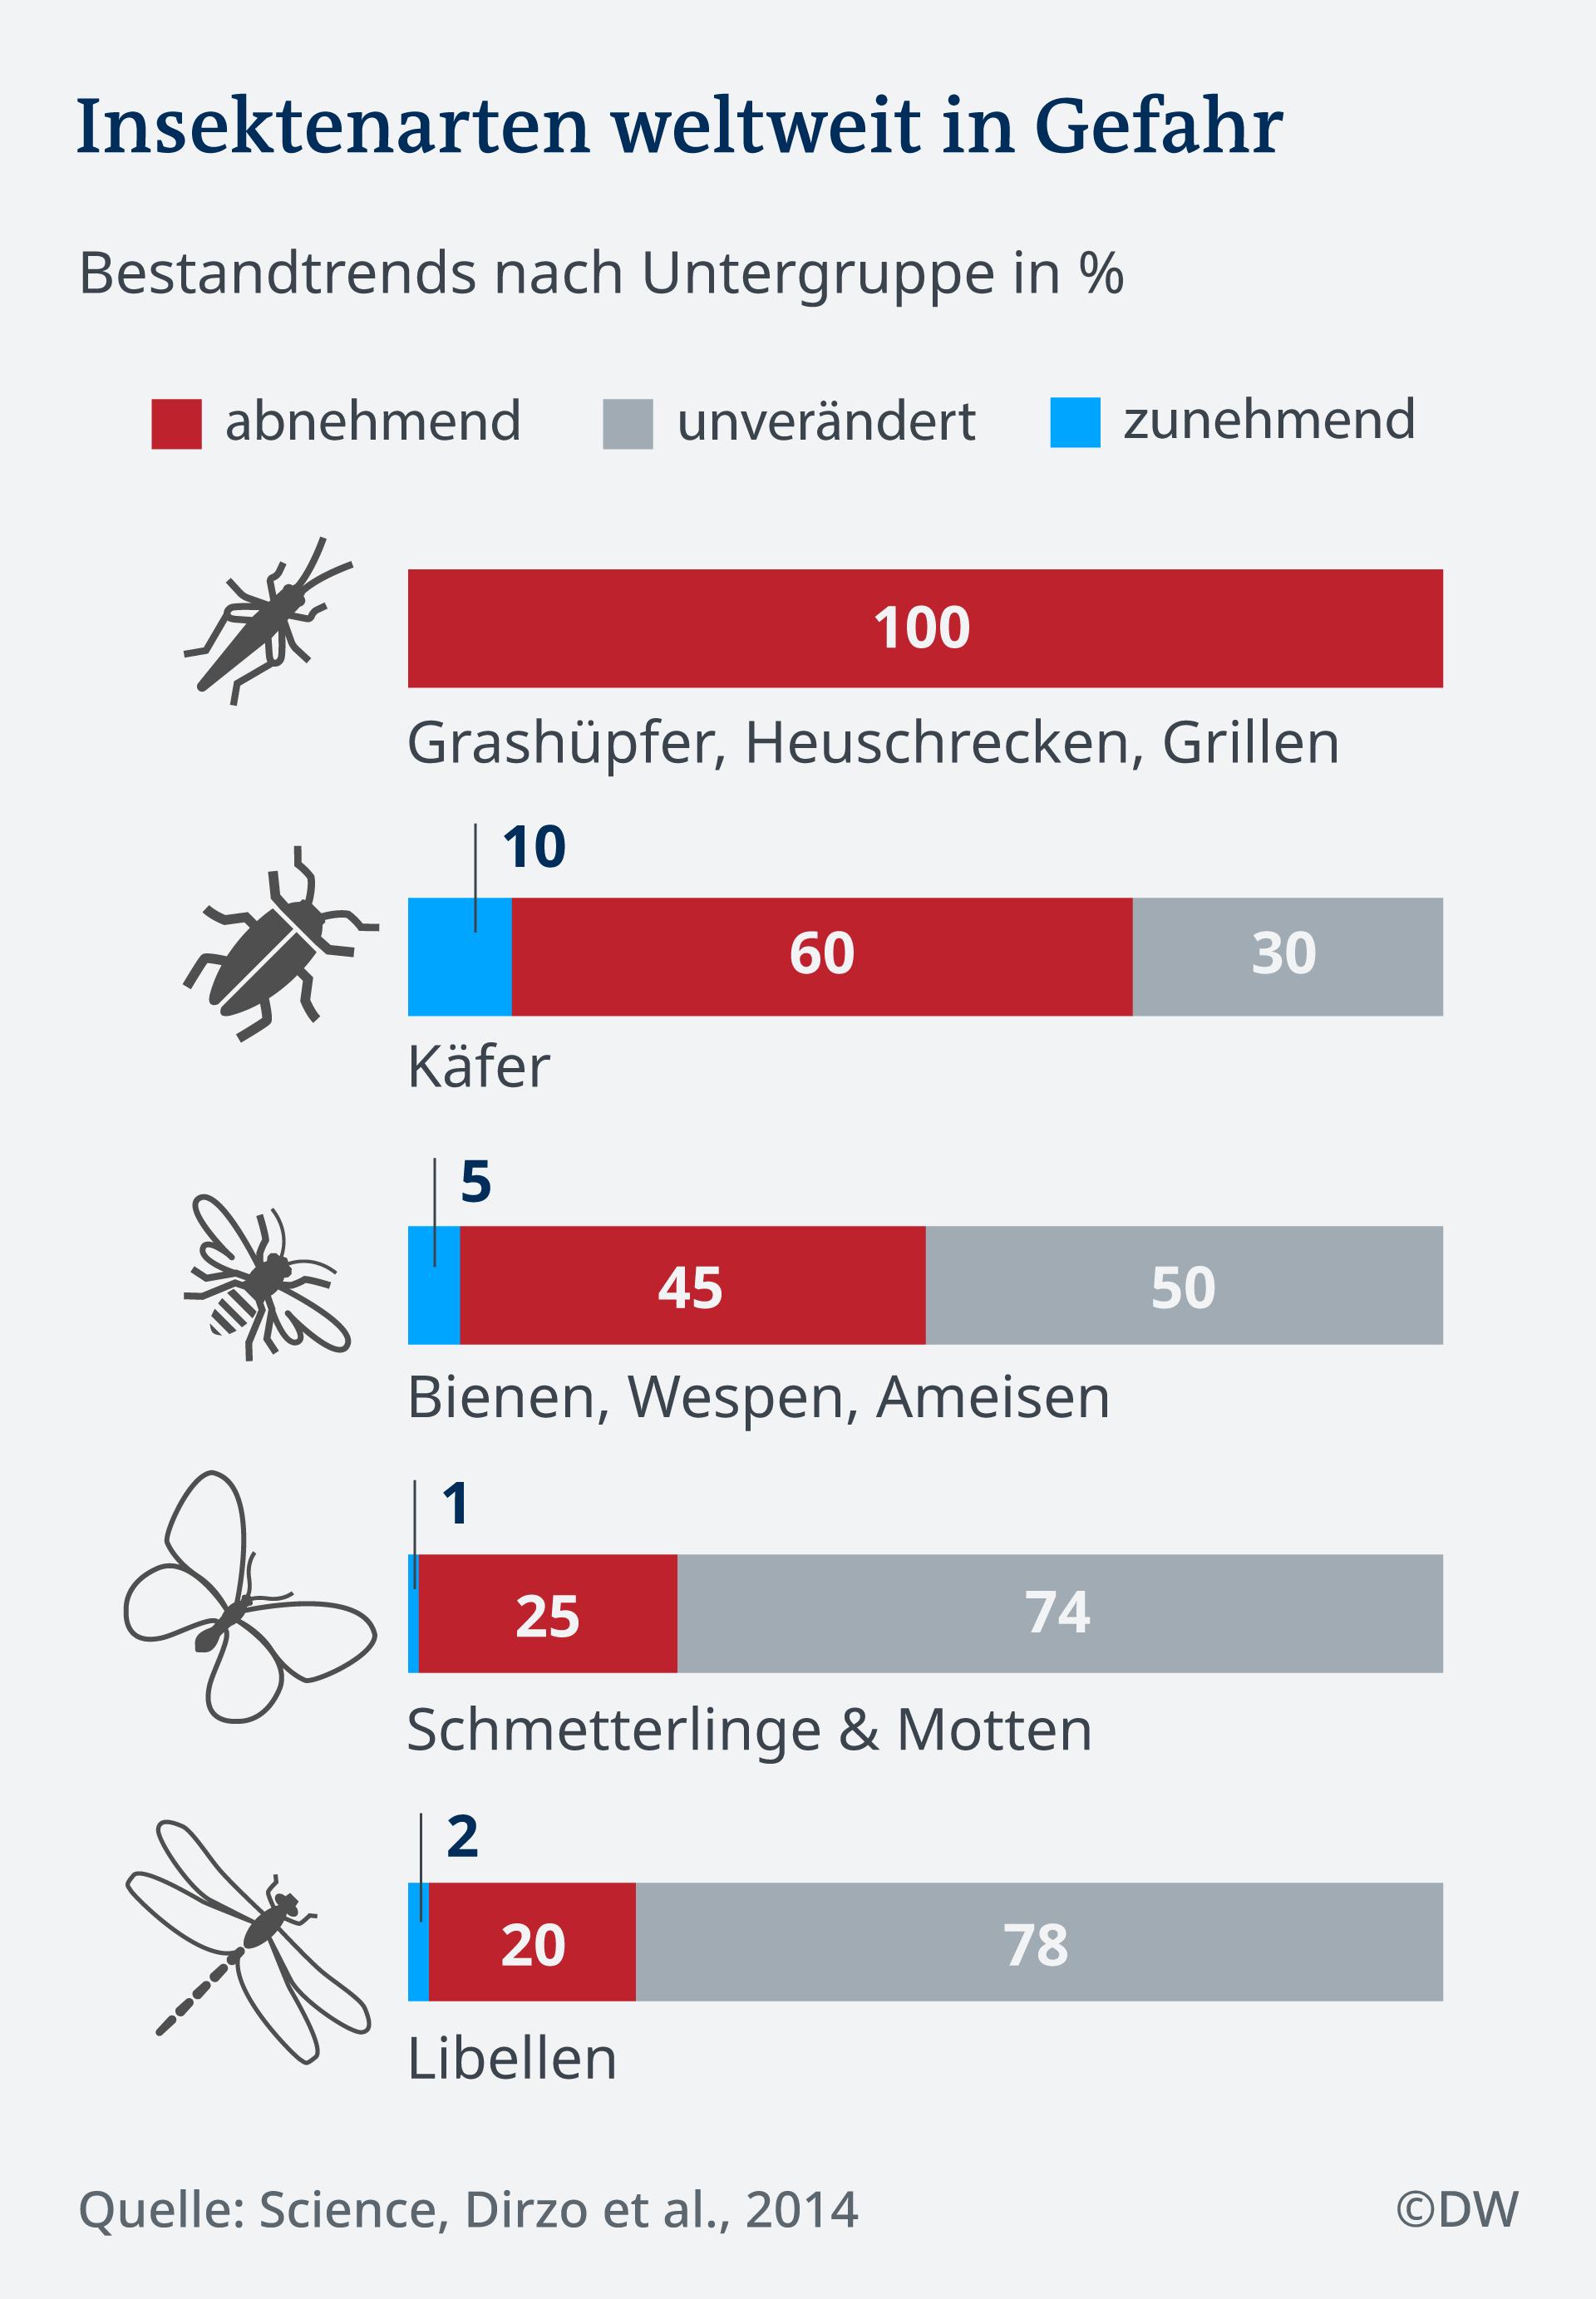 Infografik Insektenarten weltweit in Gefahr